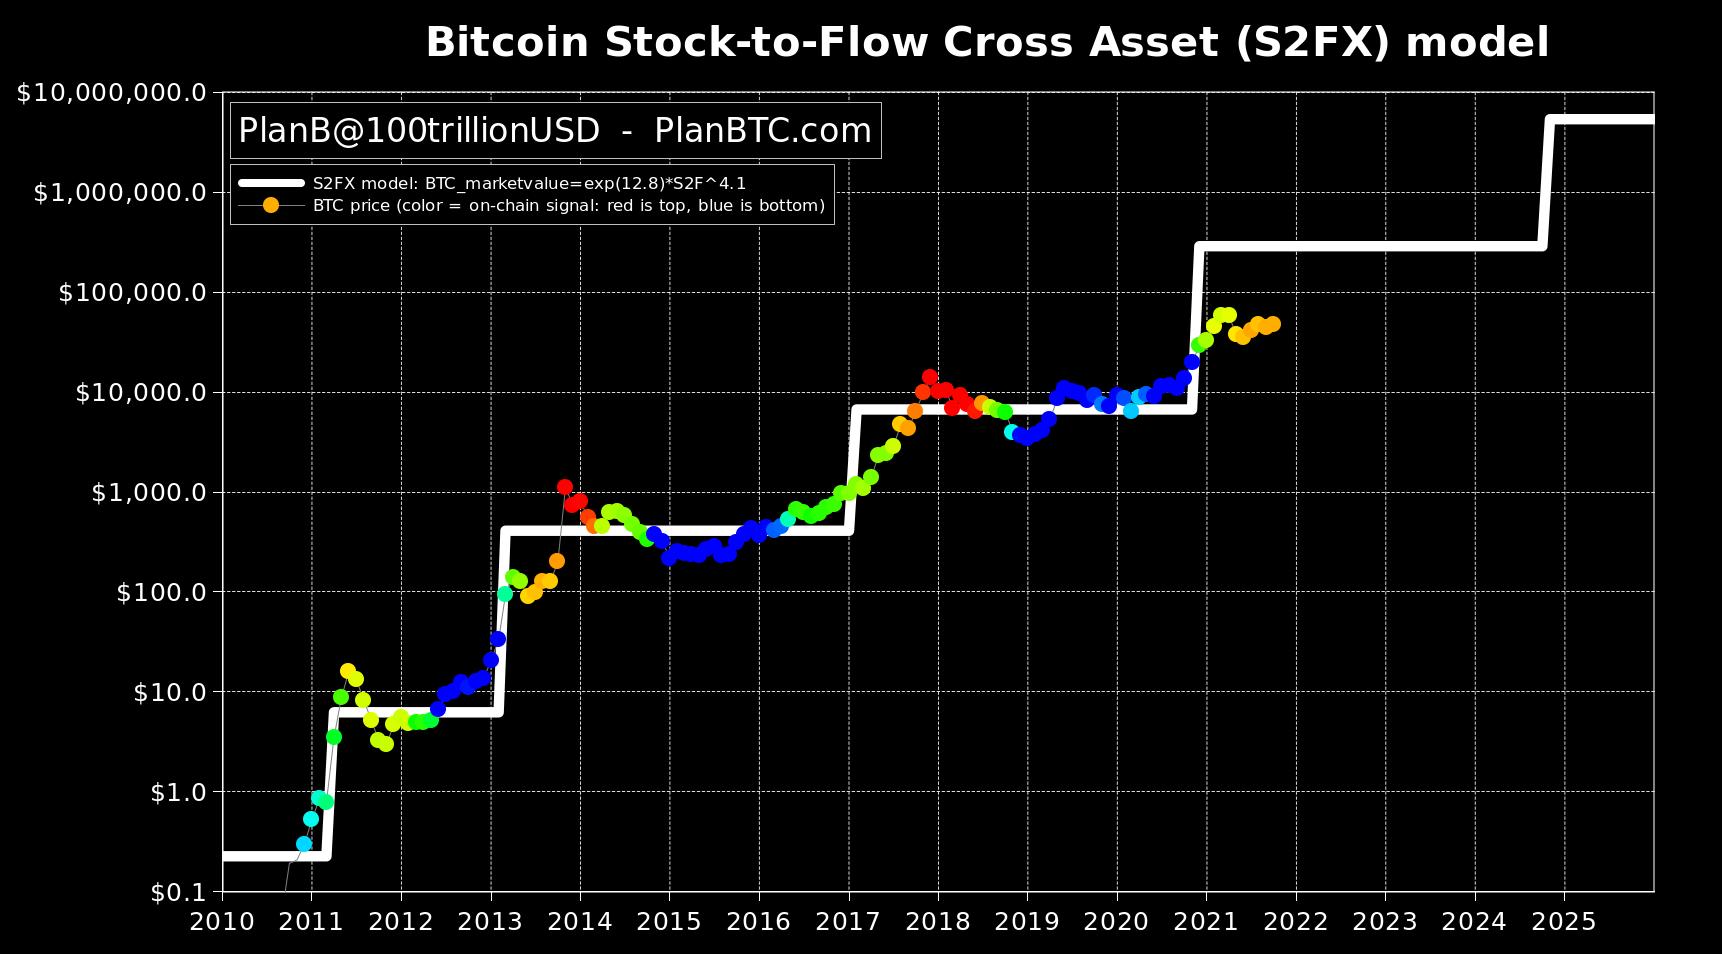 PlanB stock-to-flow Cross Asset s2fx model 5 October 2021